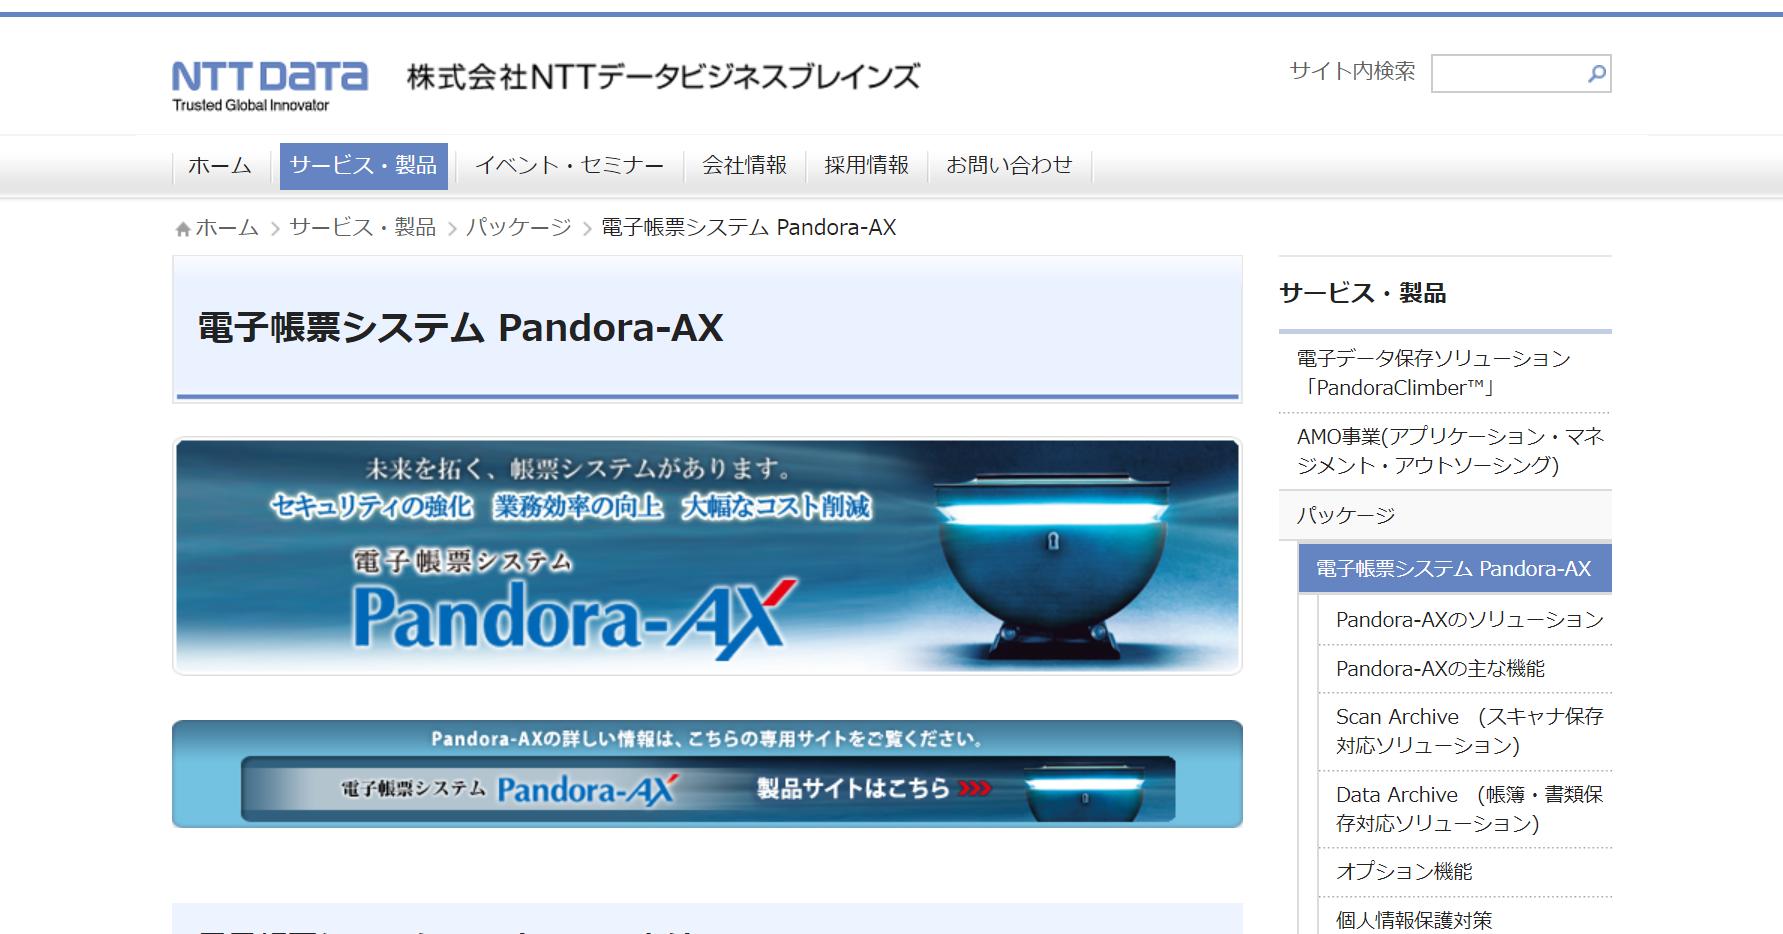 Pandora-AX